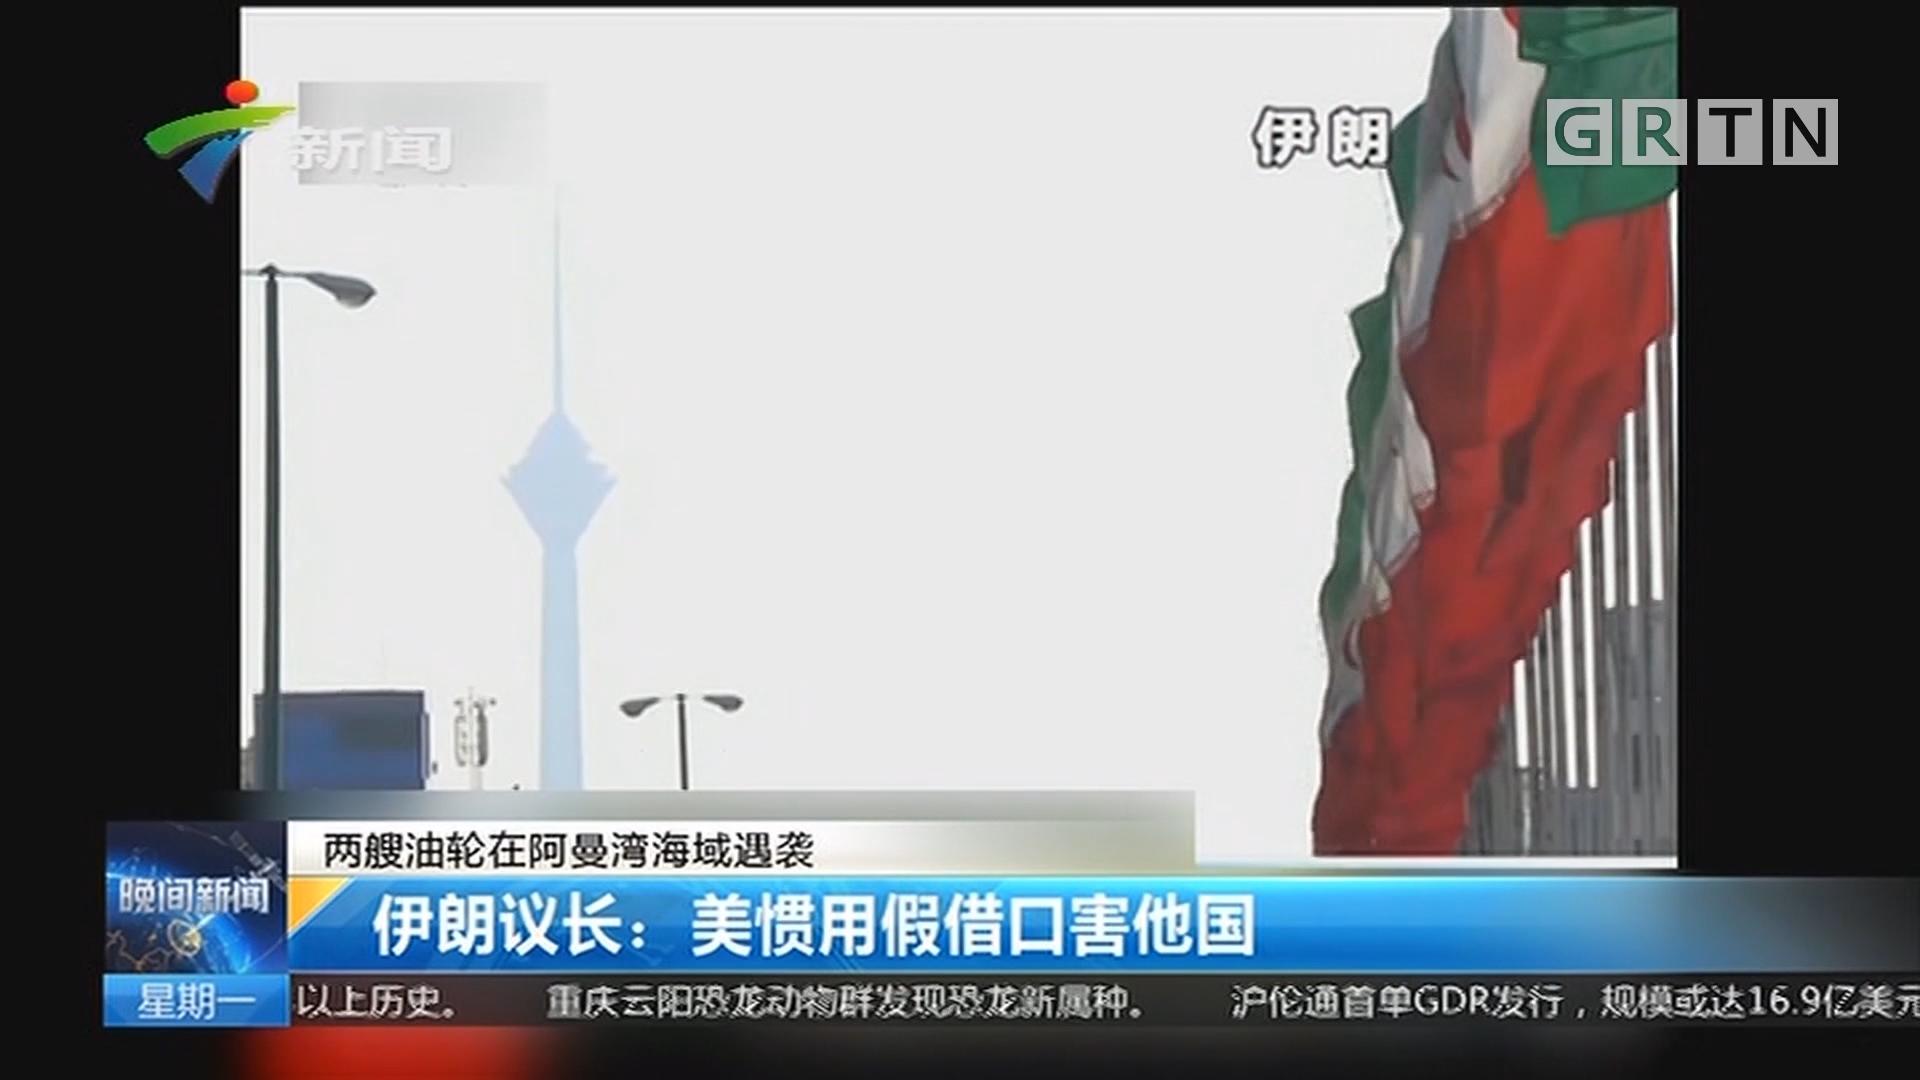 两艘油轮在阿曼湾海域遇袭 伊朗议长:美惯用假借口害他国